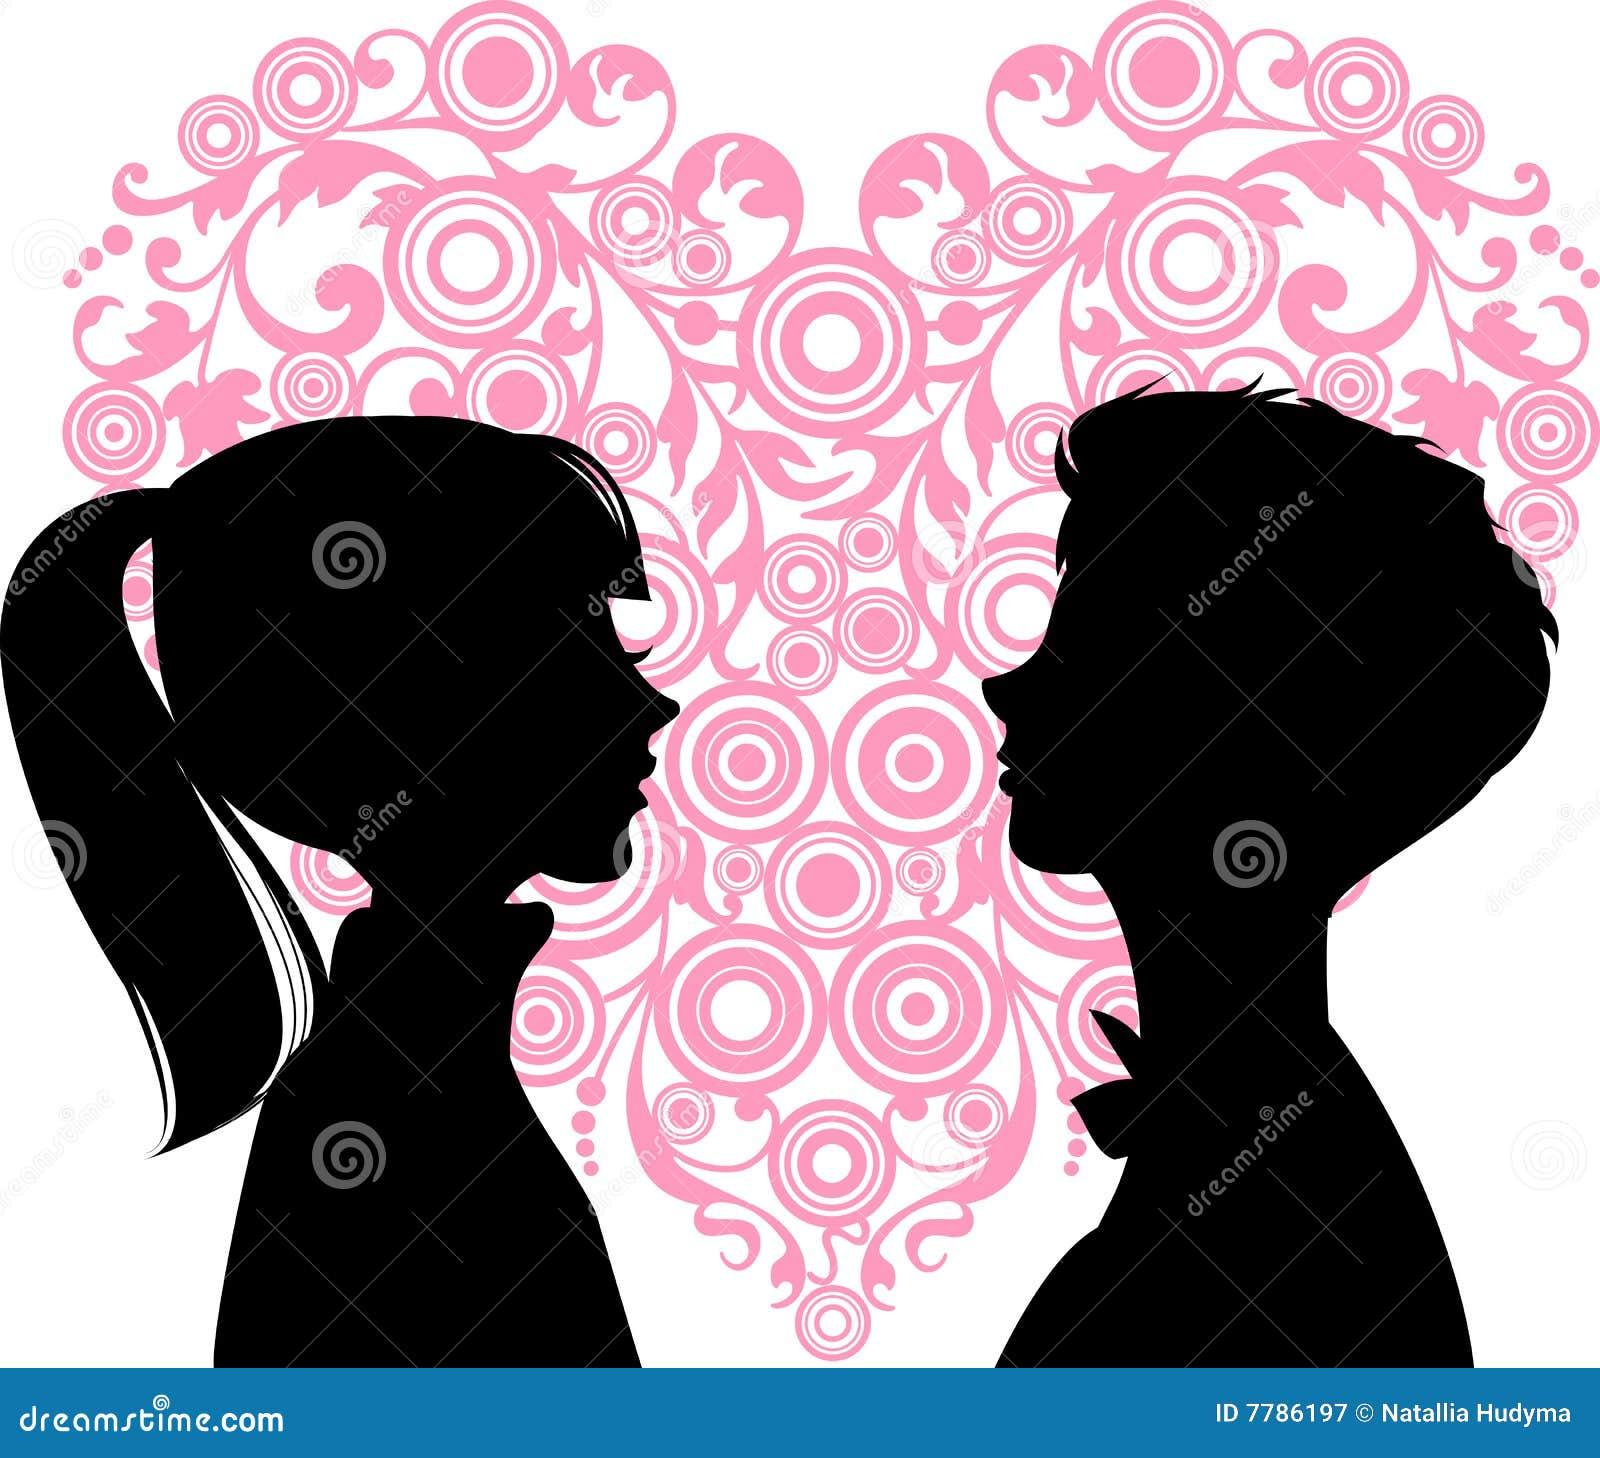 het dateren van de diensten van de gratis meer dan 50 singles dating